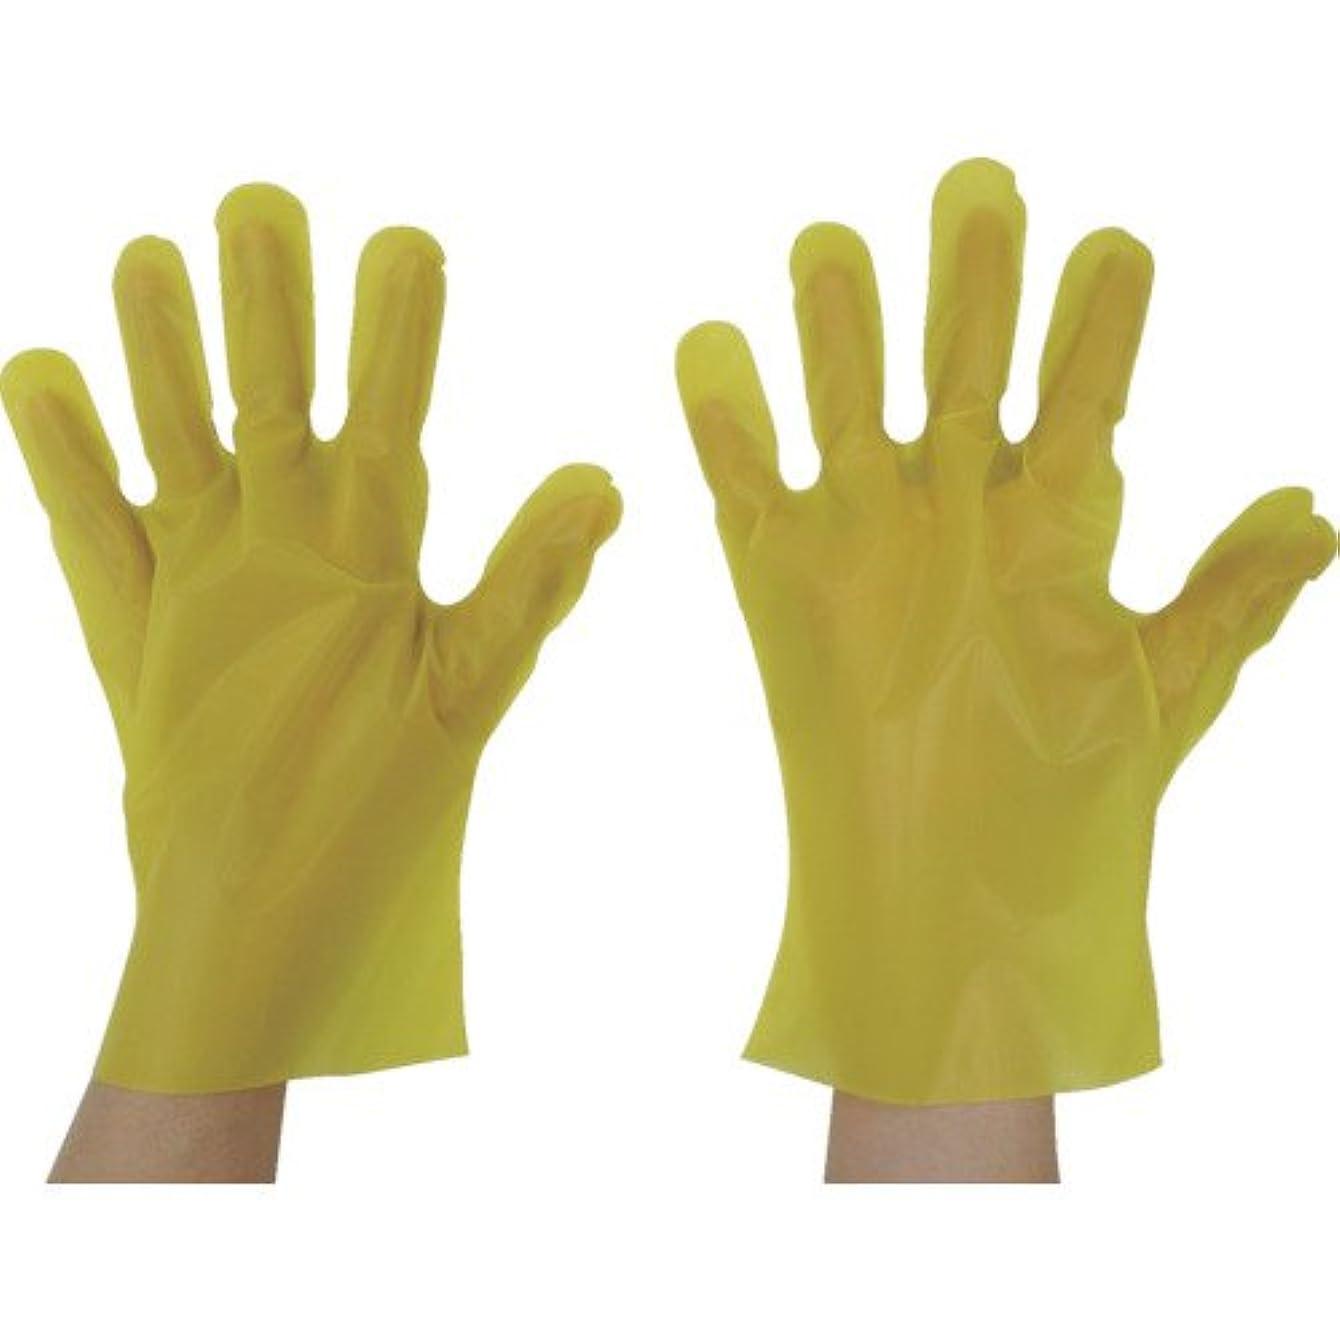 出身地爬虫類想像力豊かな東京パック エンボス手袋五本絞りエコノミー化粧箱S イエロー YEK-S